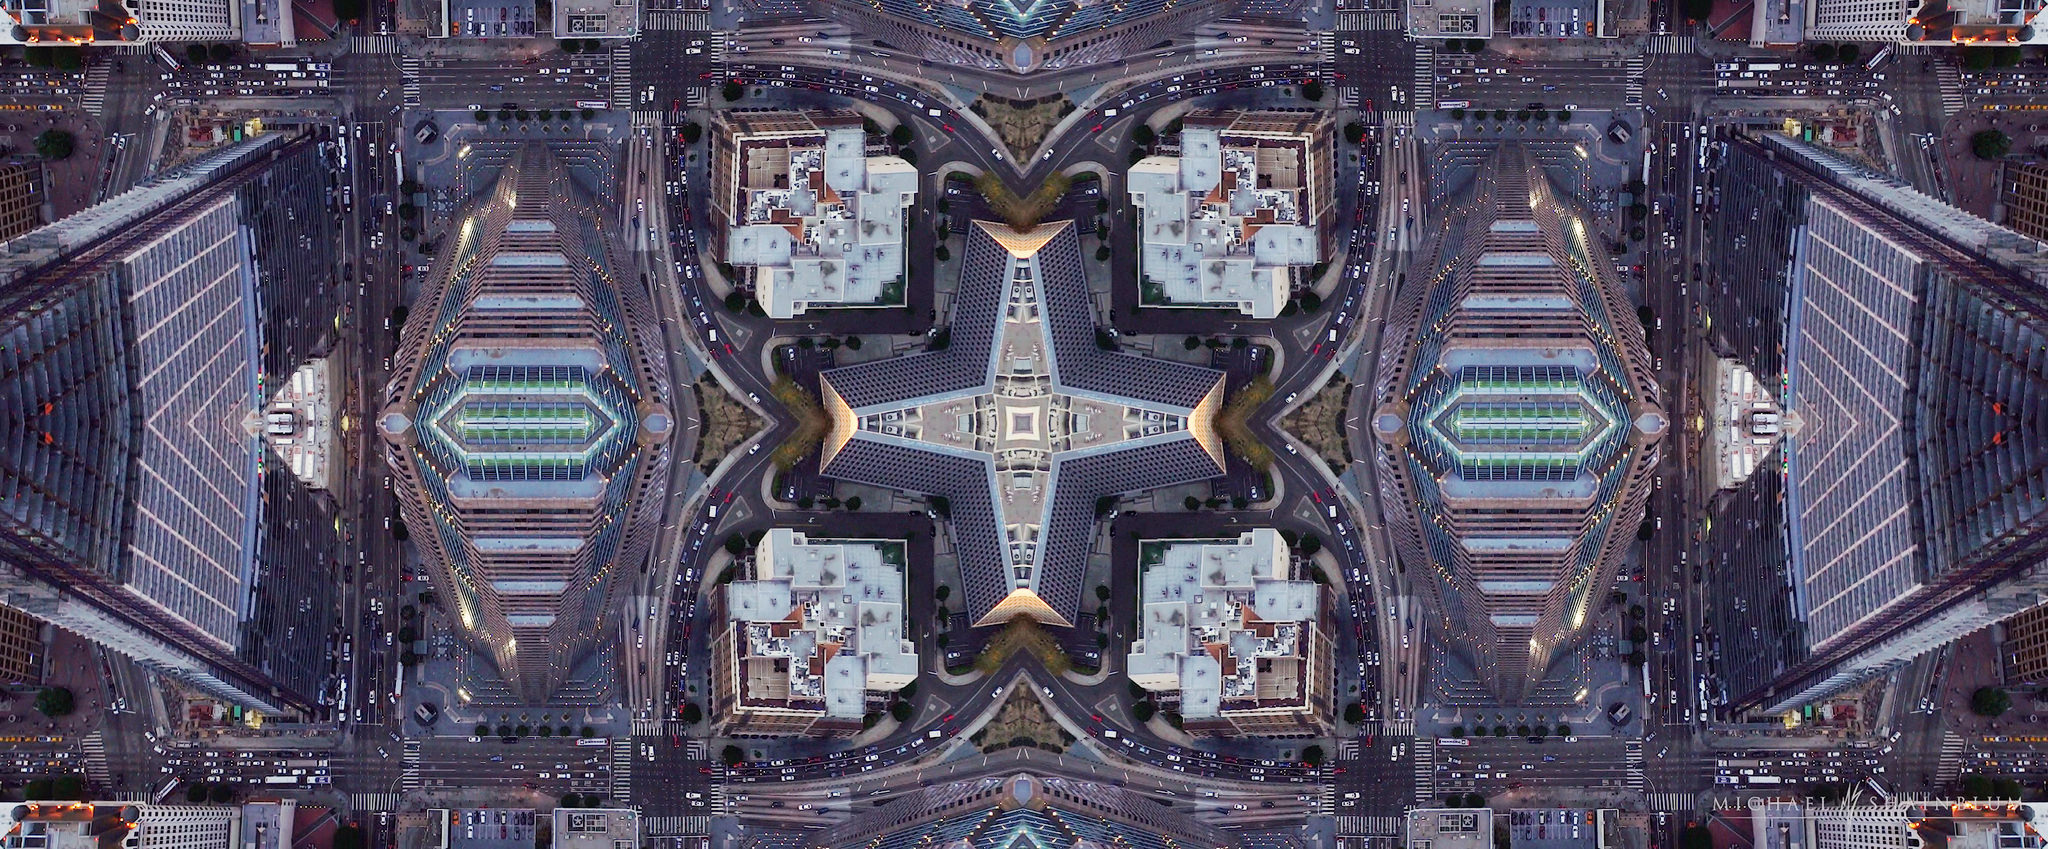 4K abstract mirror hyperlapse